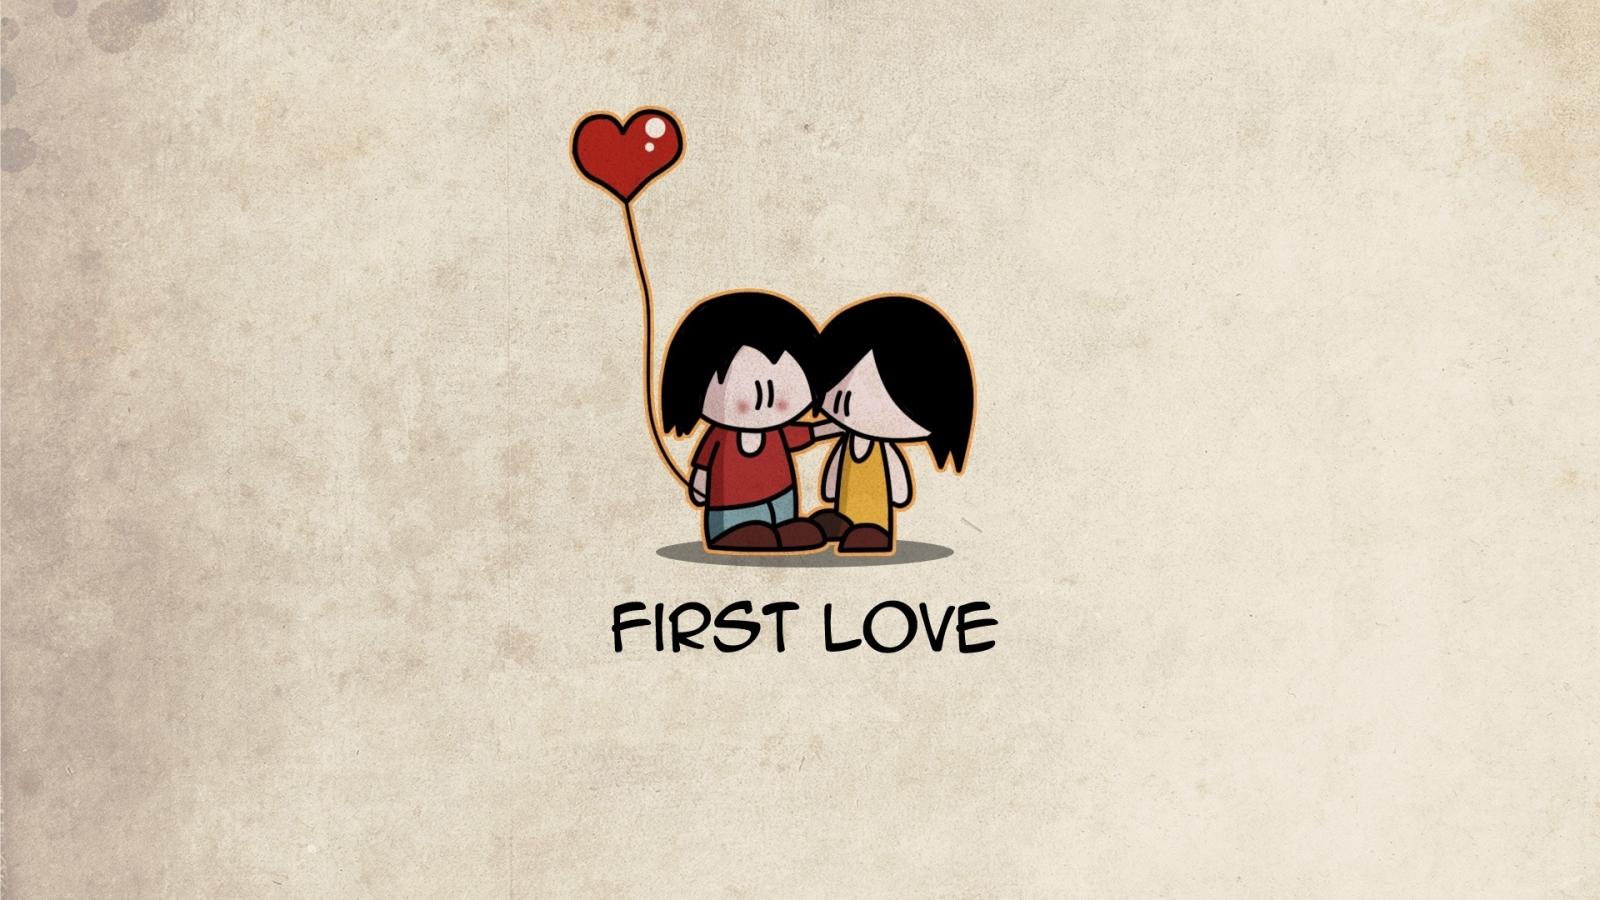 El primer amor - 1600x900